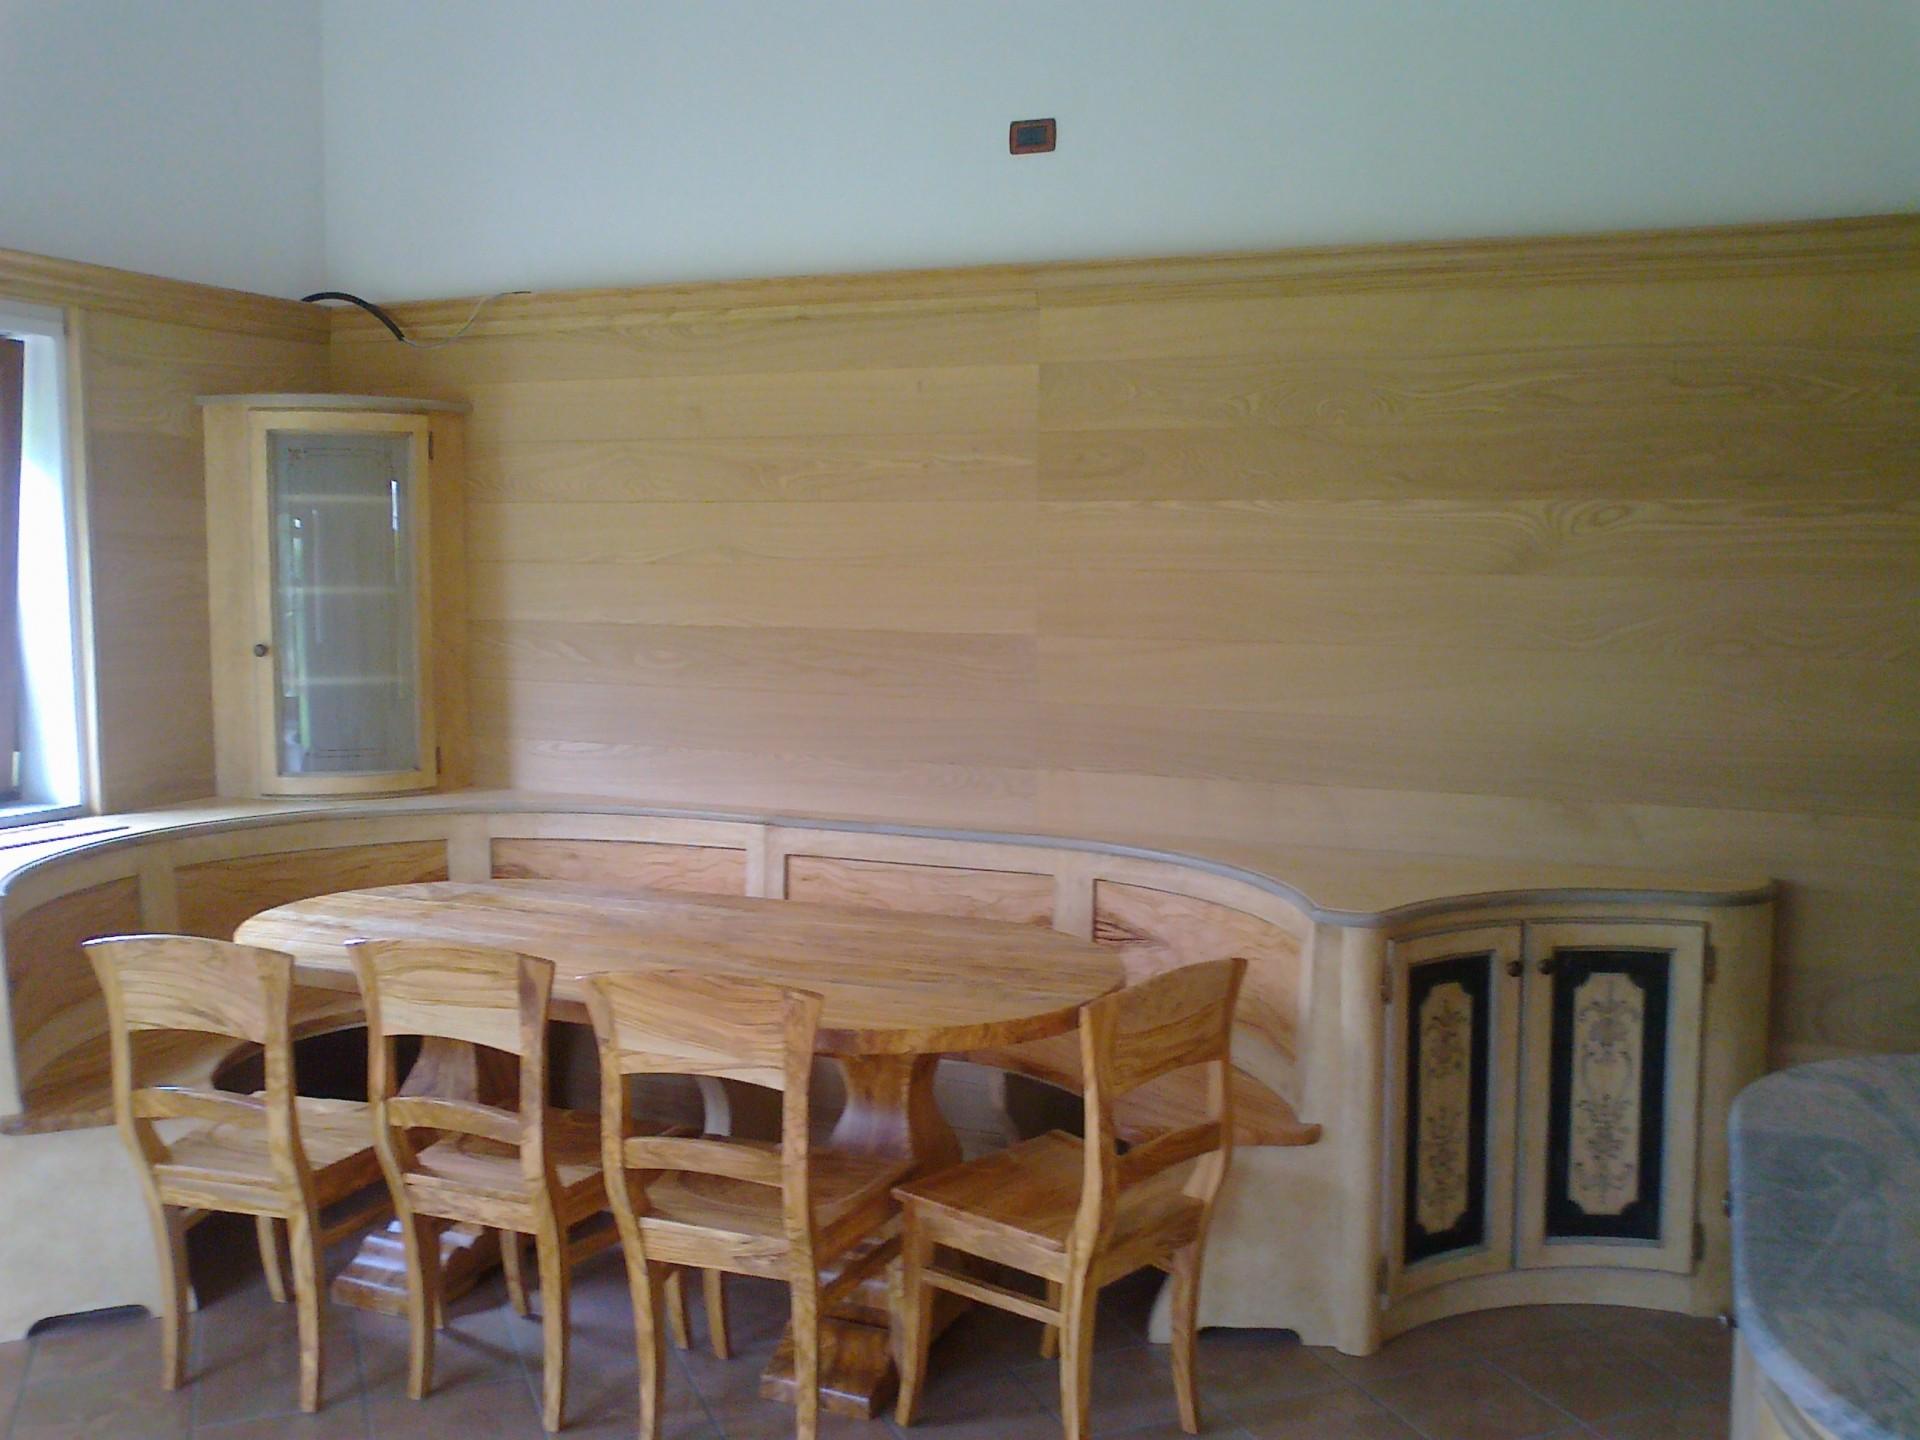 Tavoli su misura fadini mobili cerea verona - Panca sotto finestra ...